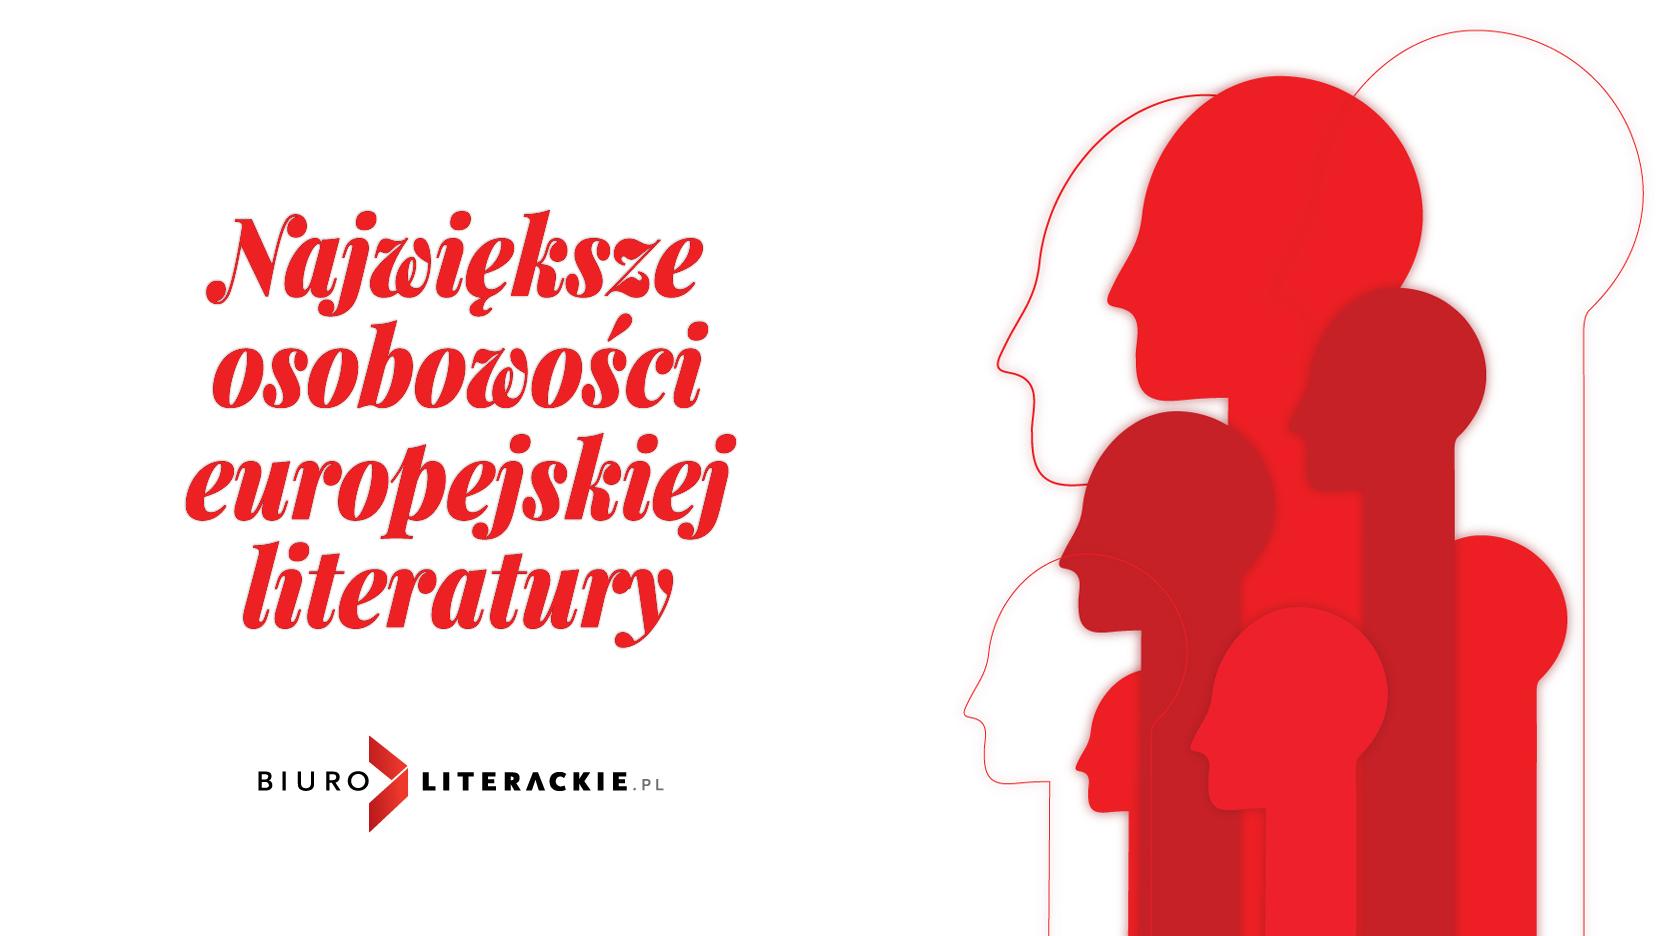 BL Img 2017.02.09 Największe osobowościami europejskiej literatury_www